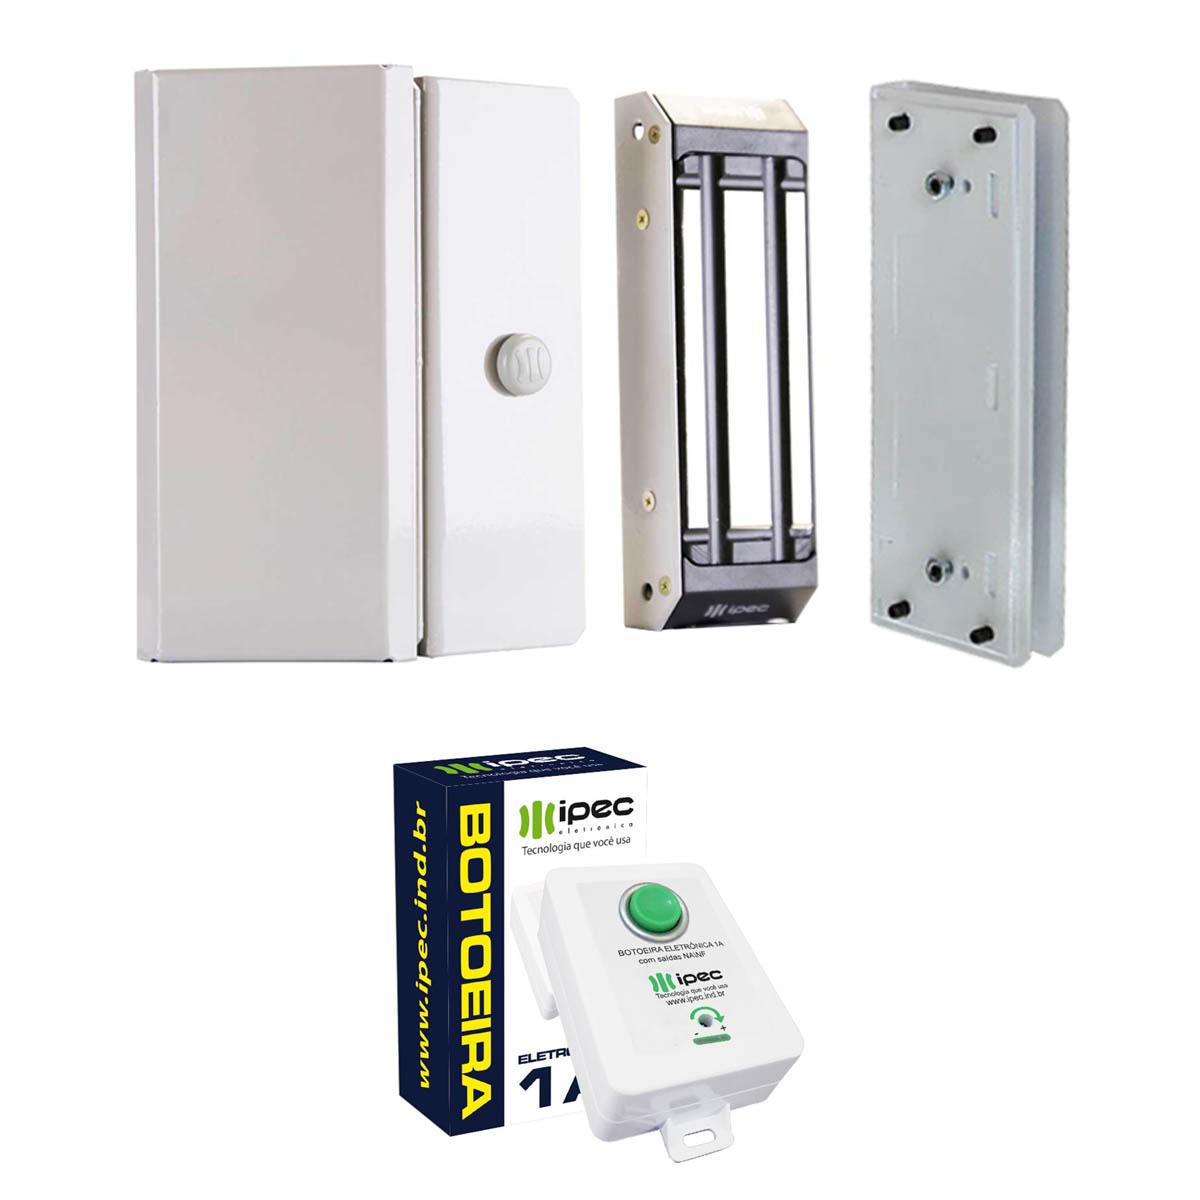 Kit Fechadura Magnética para Porta Vidro com Botoeira Eletrônica